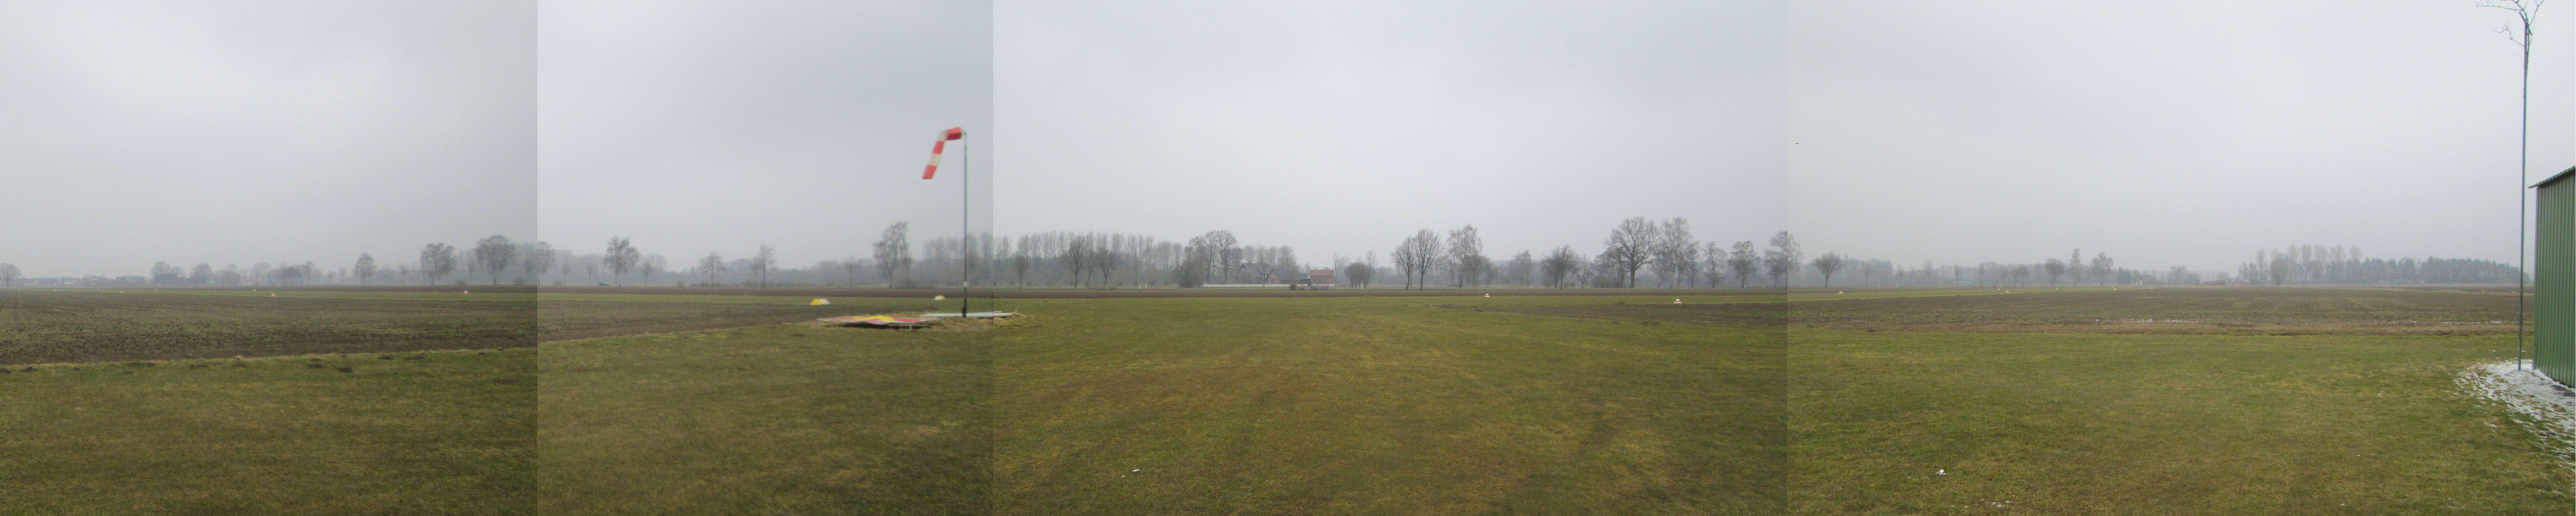 … bald werden hier Verkehrsflugzeuge starten und laden